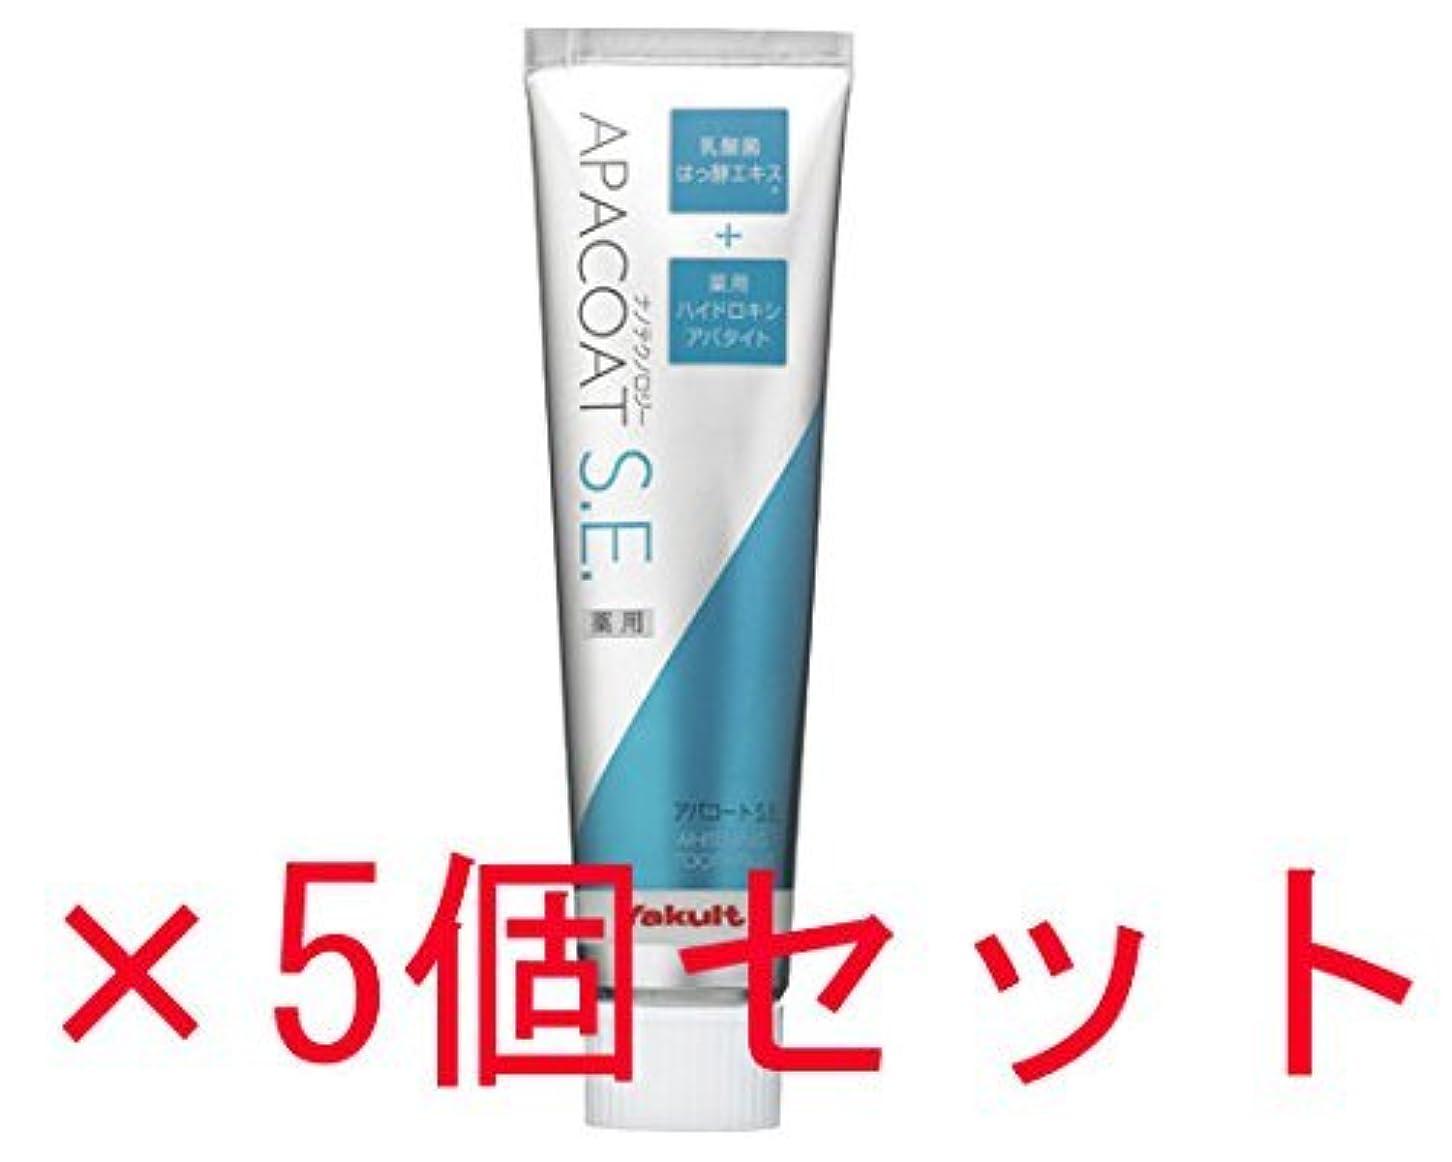 けん引オーク教育するヤクルト化粧品 薬用 アパコートS.E. (ナノテクノロジー) 120g 5個セット